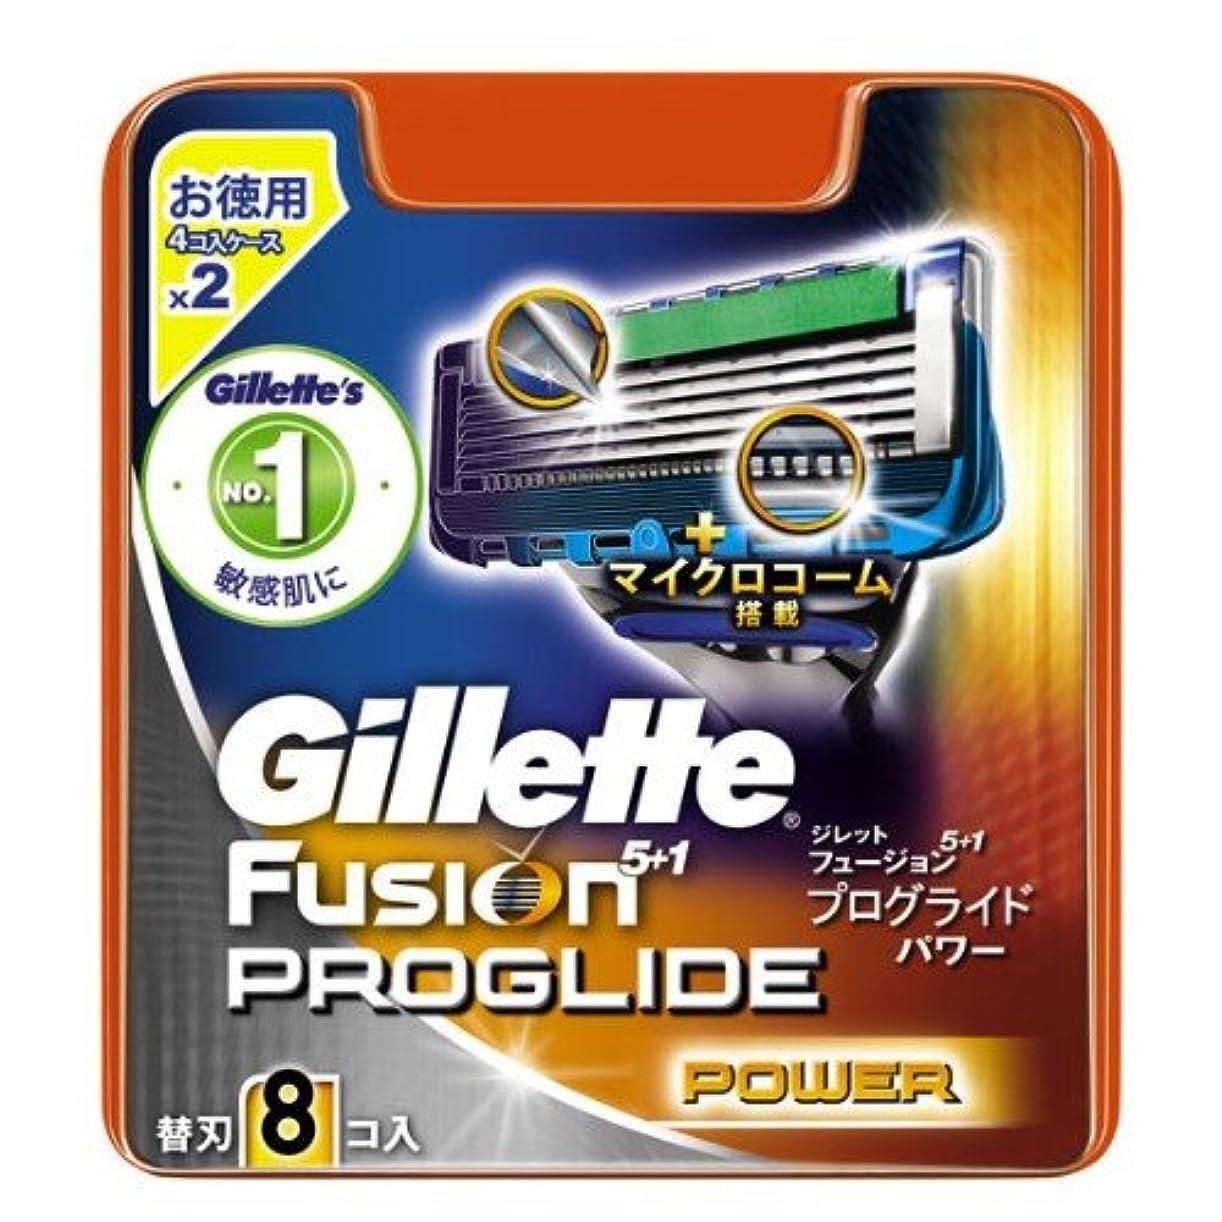 スタジアム祭り最初にジレット プログライドパワー 専用替刃 8B